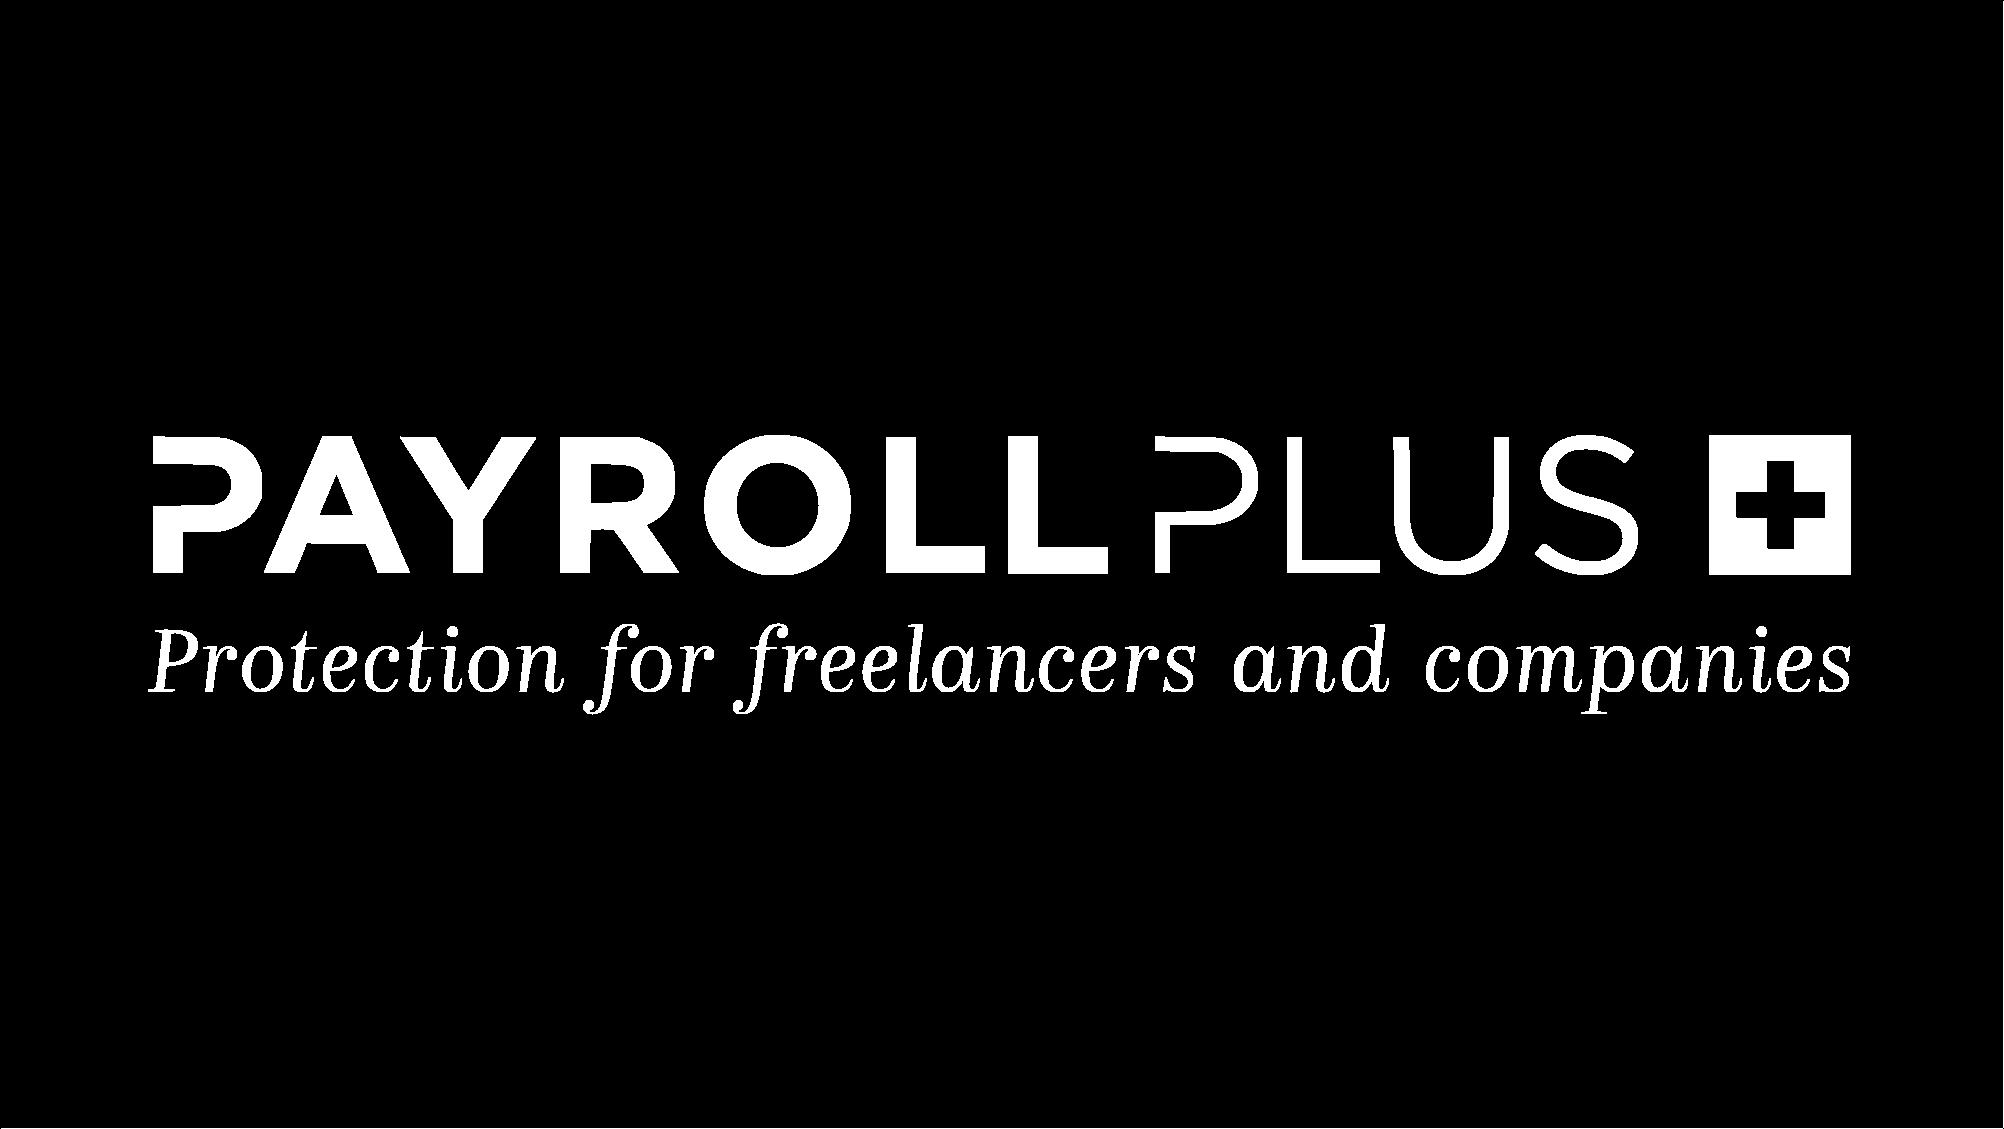 payrollplus_logo_white